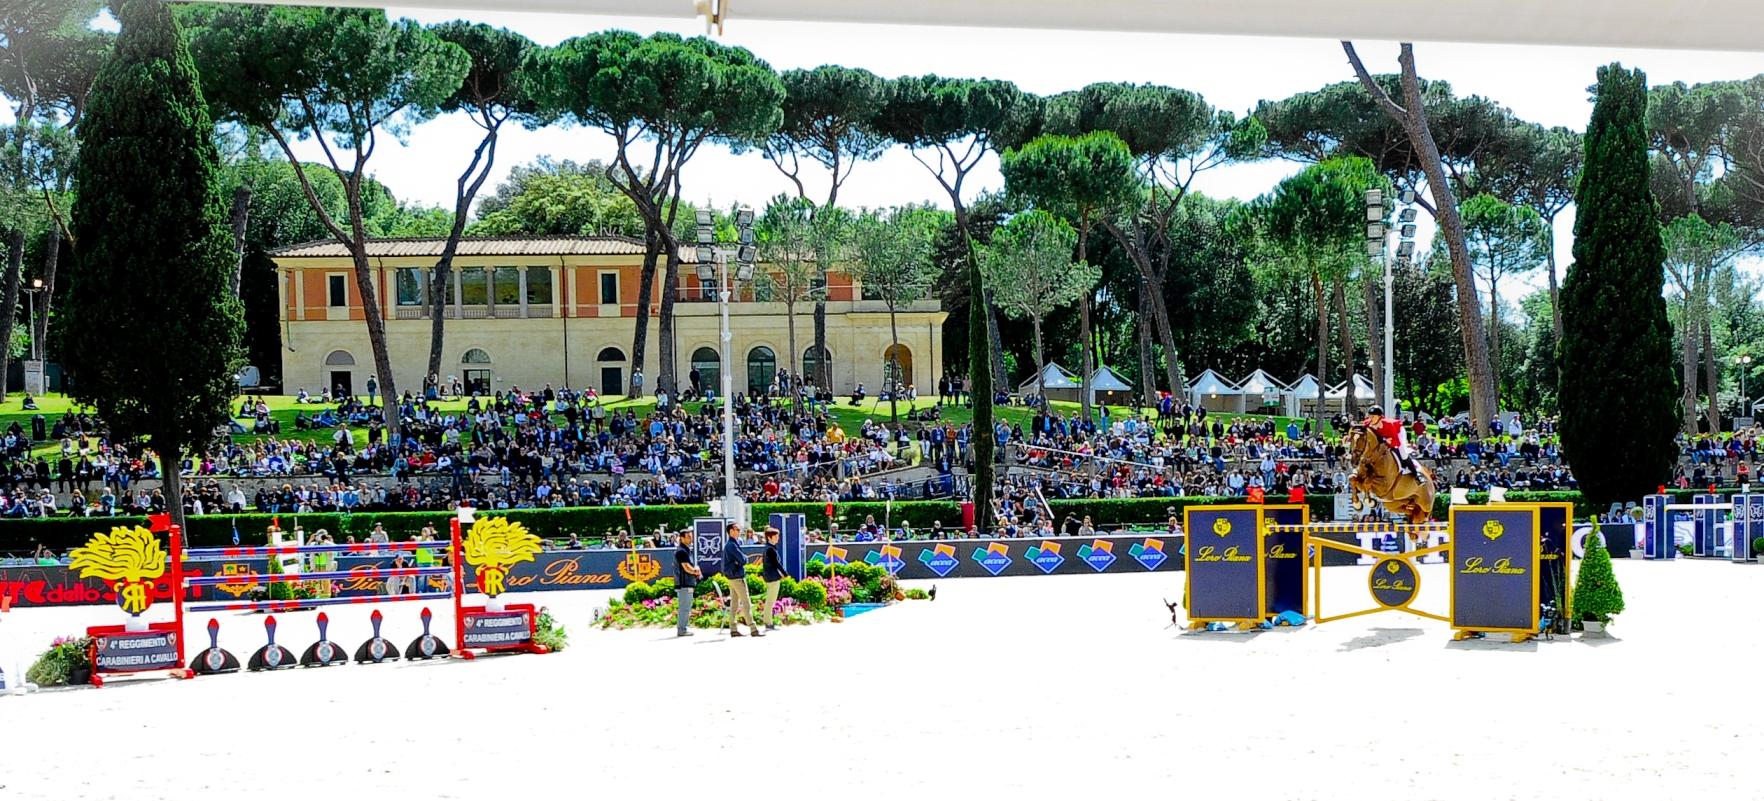 La FISE affida Piazza di Siena, lo Csio Roma al gruppo TBWA\ (TBWA\Integer)